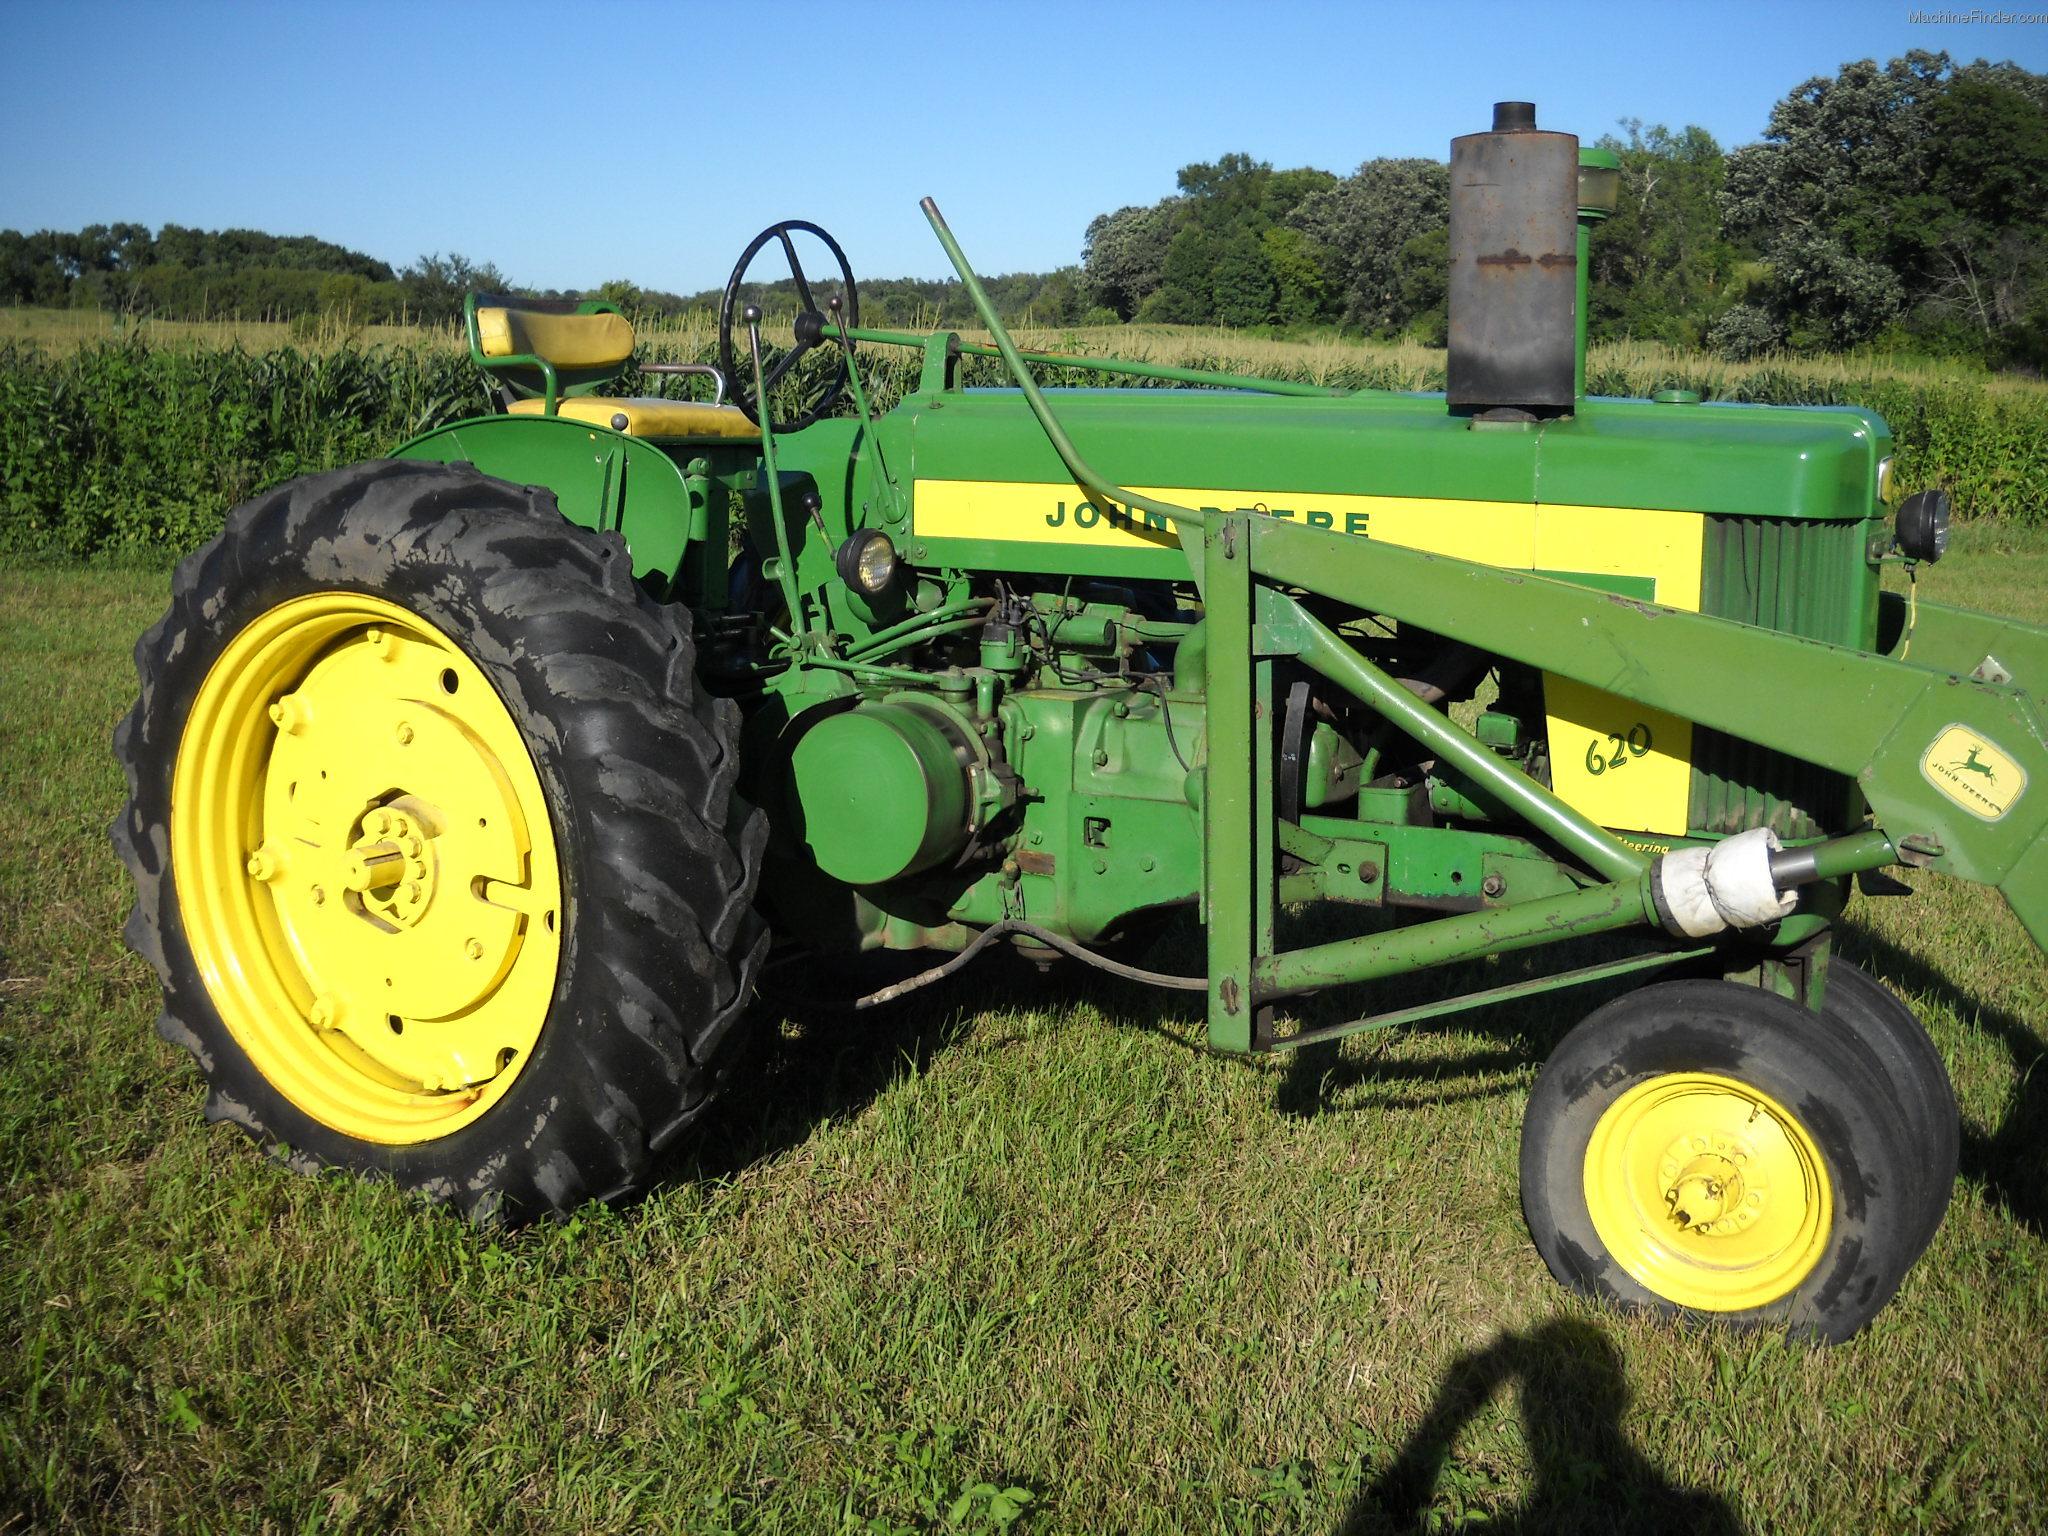 1957 John Deere 620 Tractors - Row Crop (+100hp) - John ...